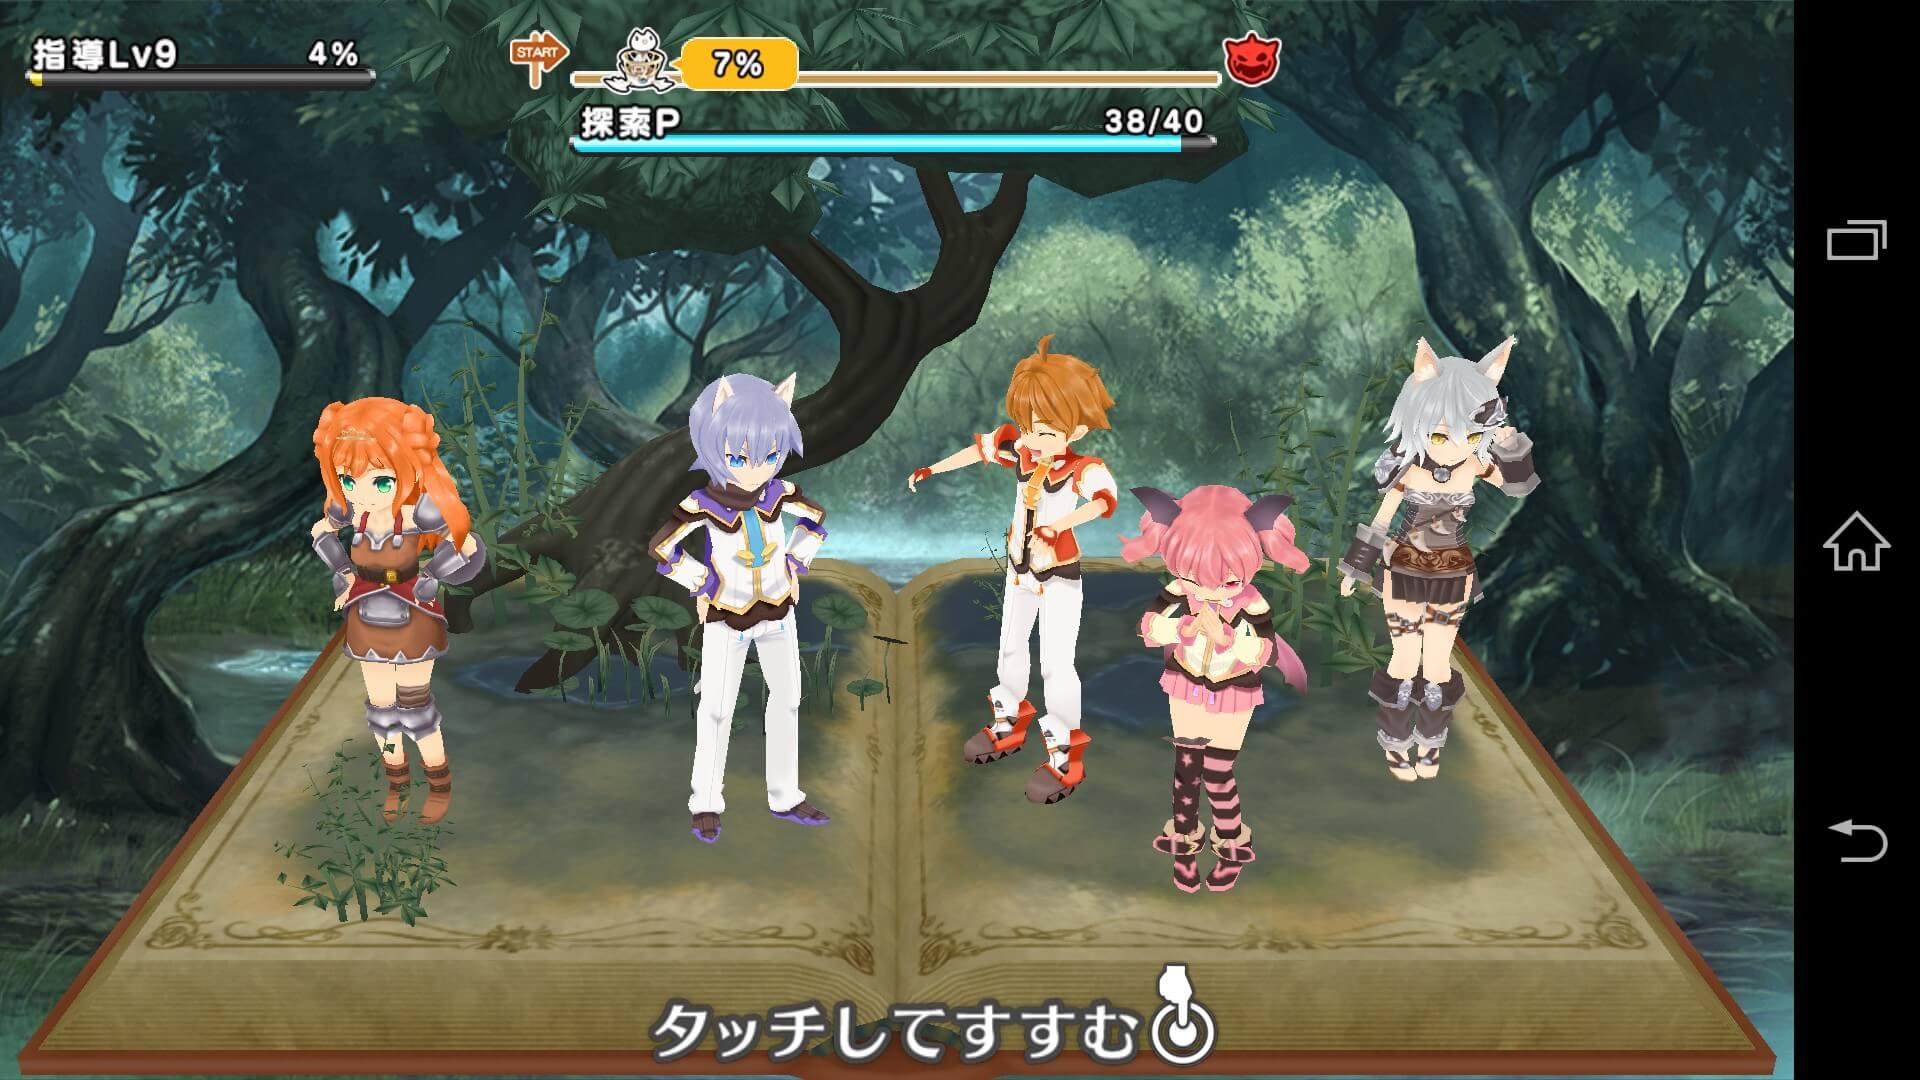 ミッション中の画面です。絵本の上に5人組のキャラクターが立っています。